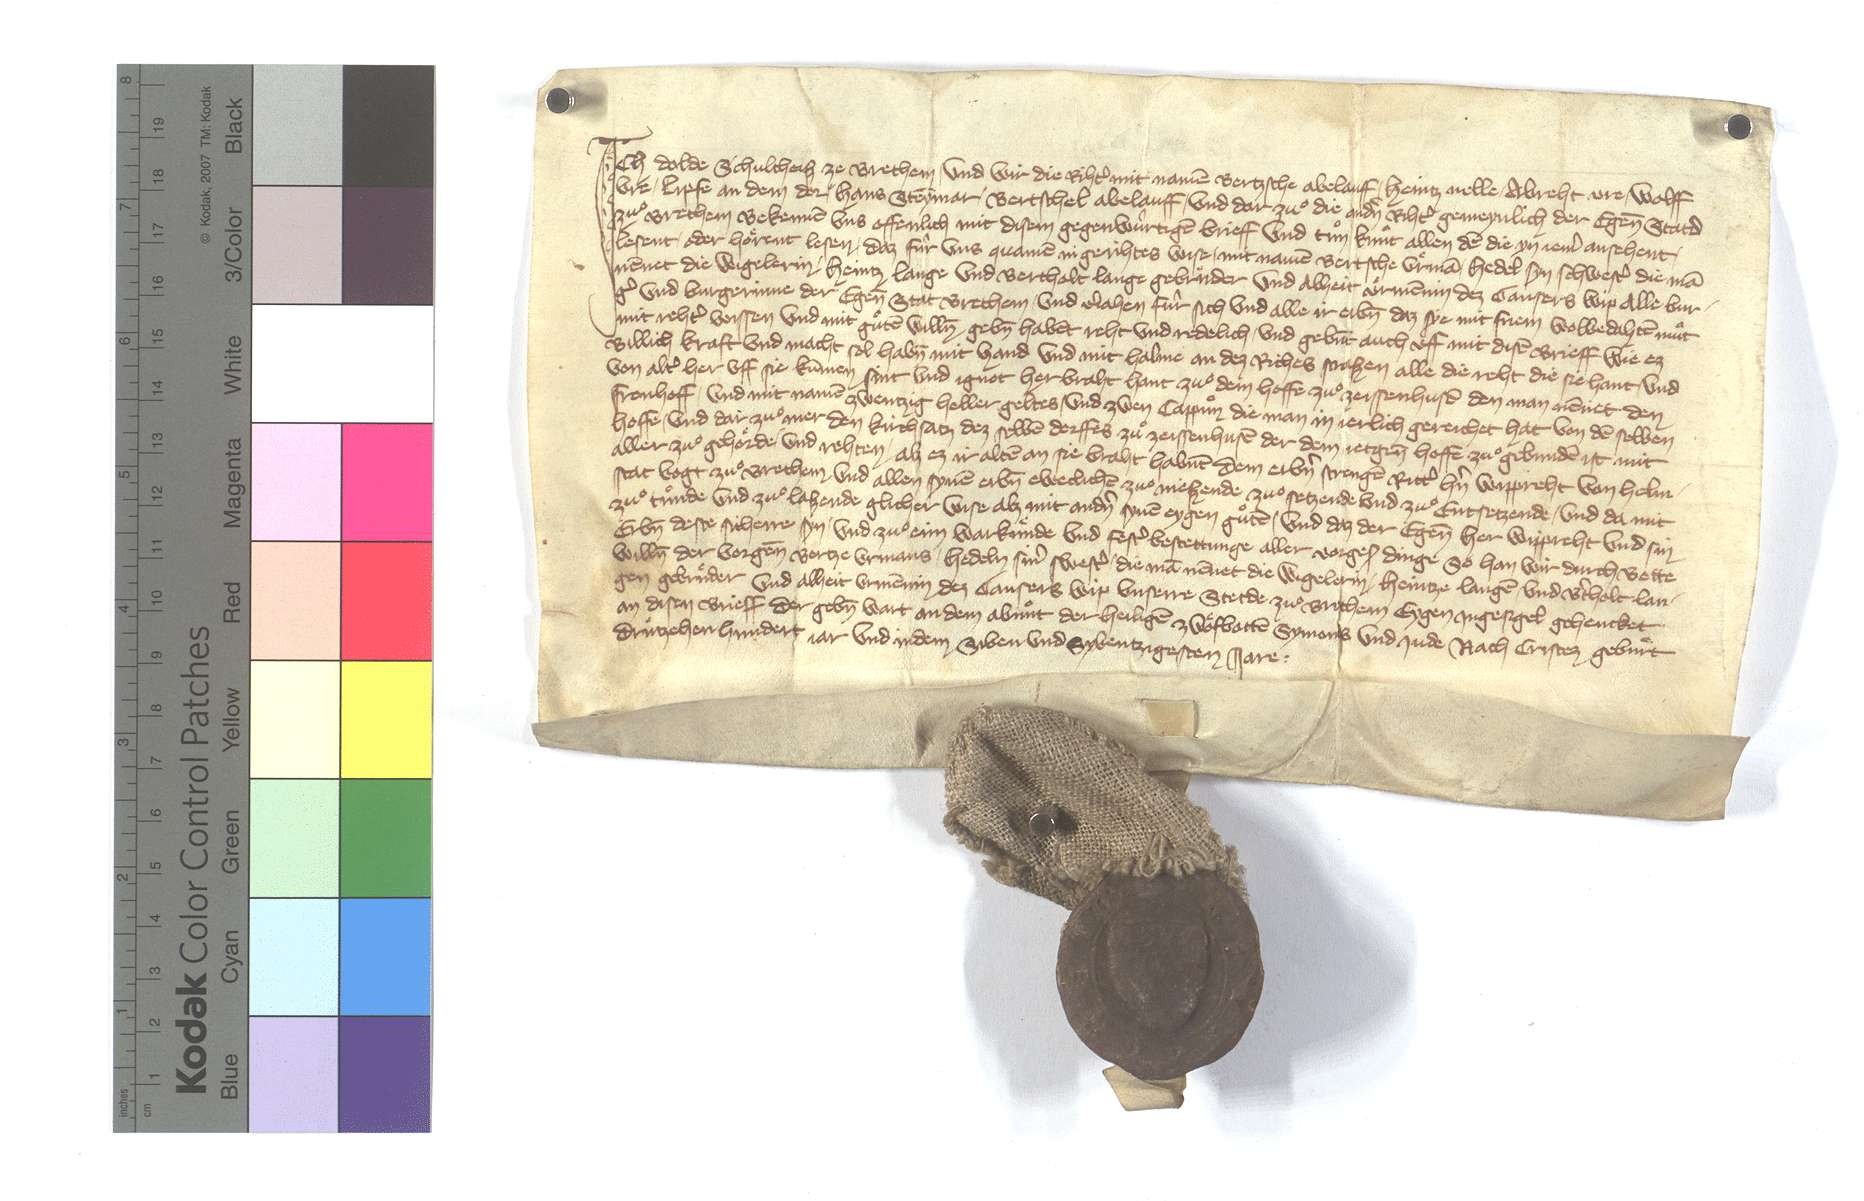 Bertsch Urmann und Konsorten von Bretten (Bretheim) übergeben den Fronhof samt dem Kirchensatz in Zaisenhausen an Wiprecht von Helmstatt., Text